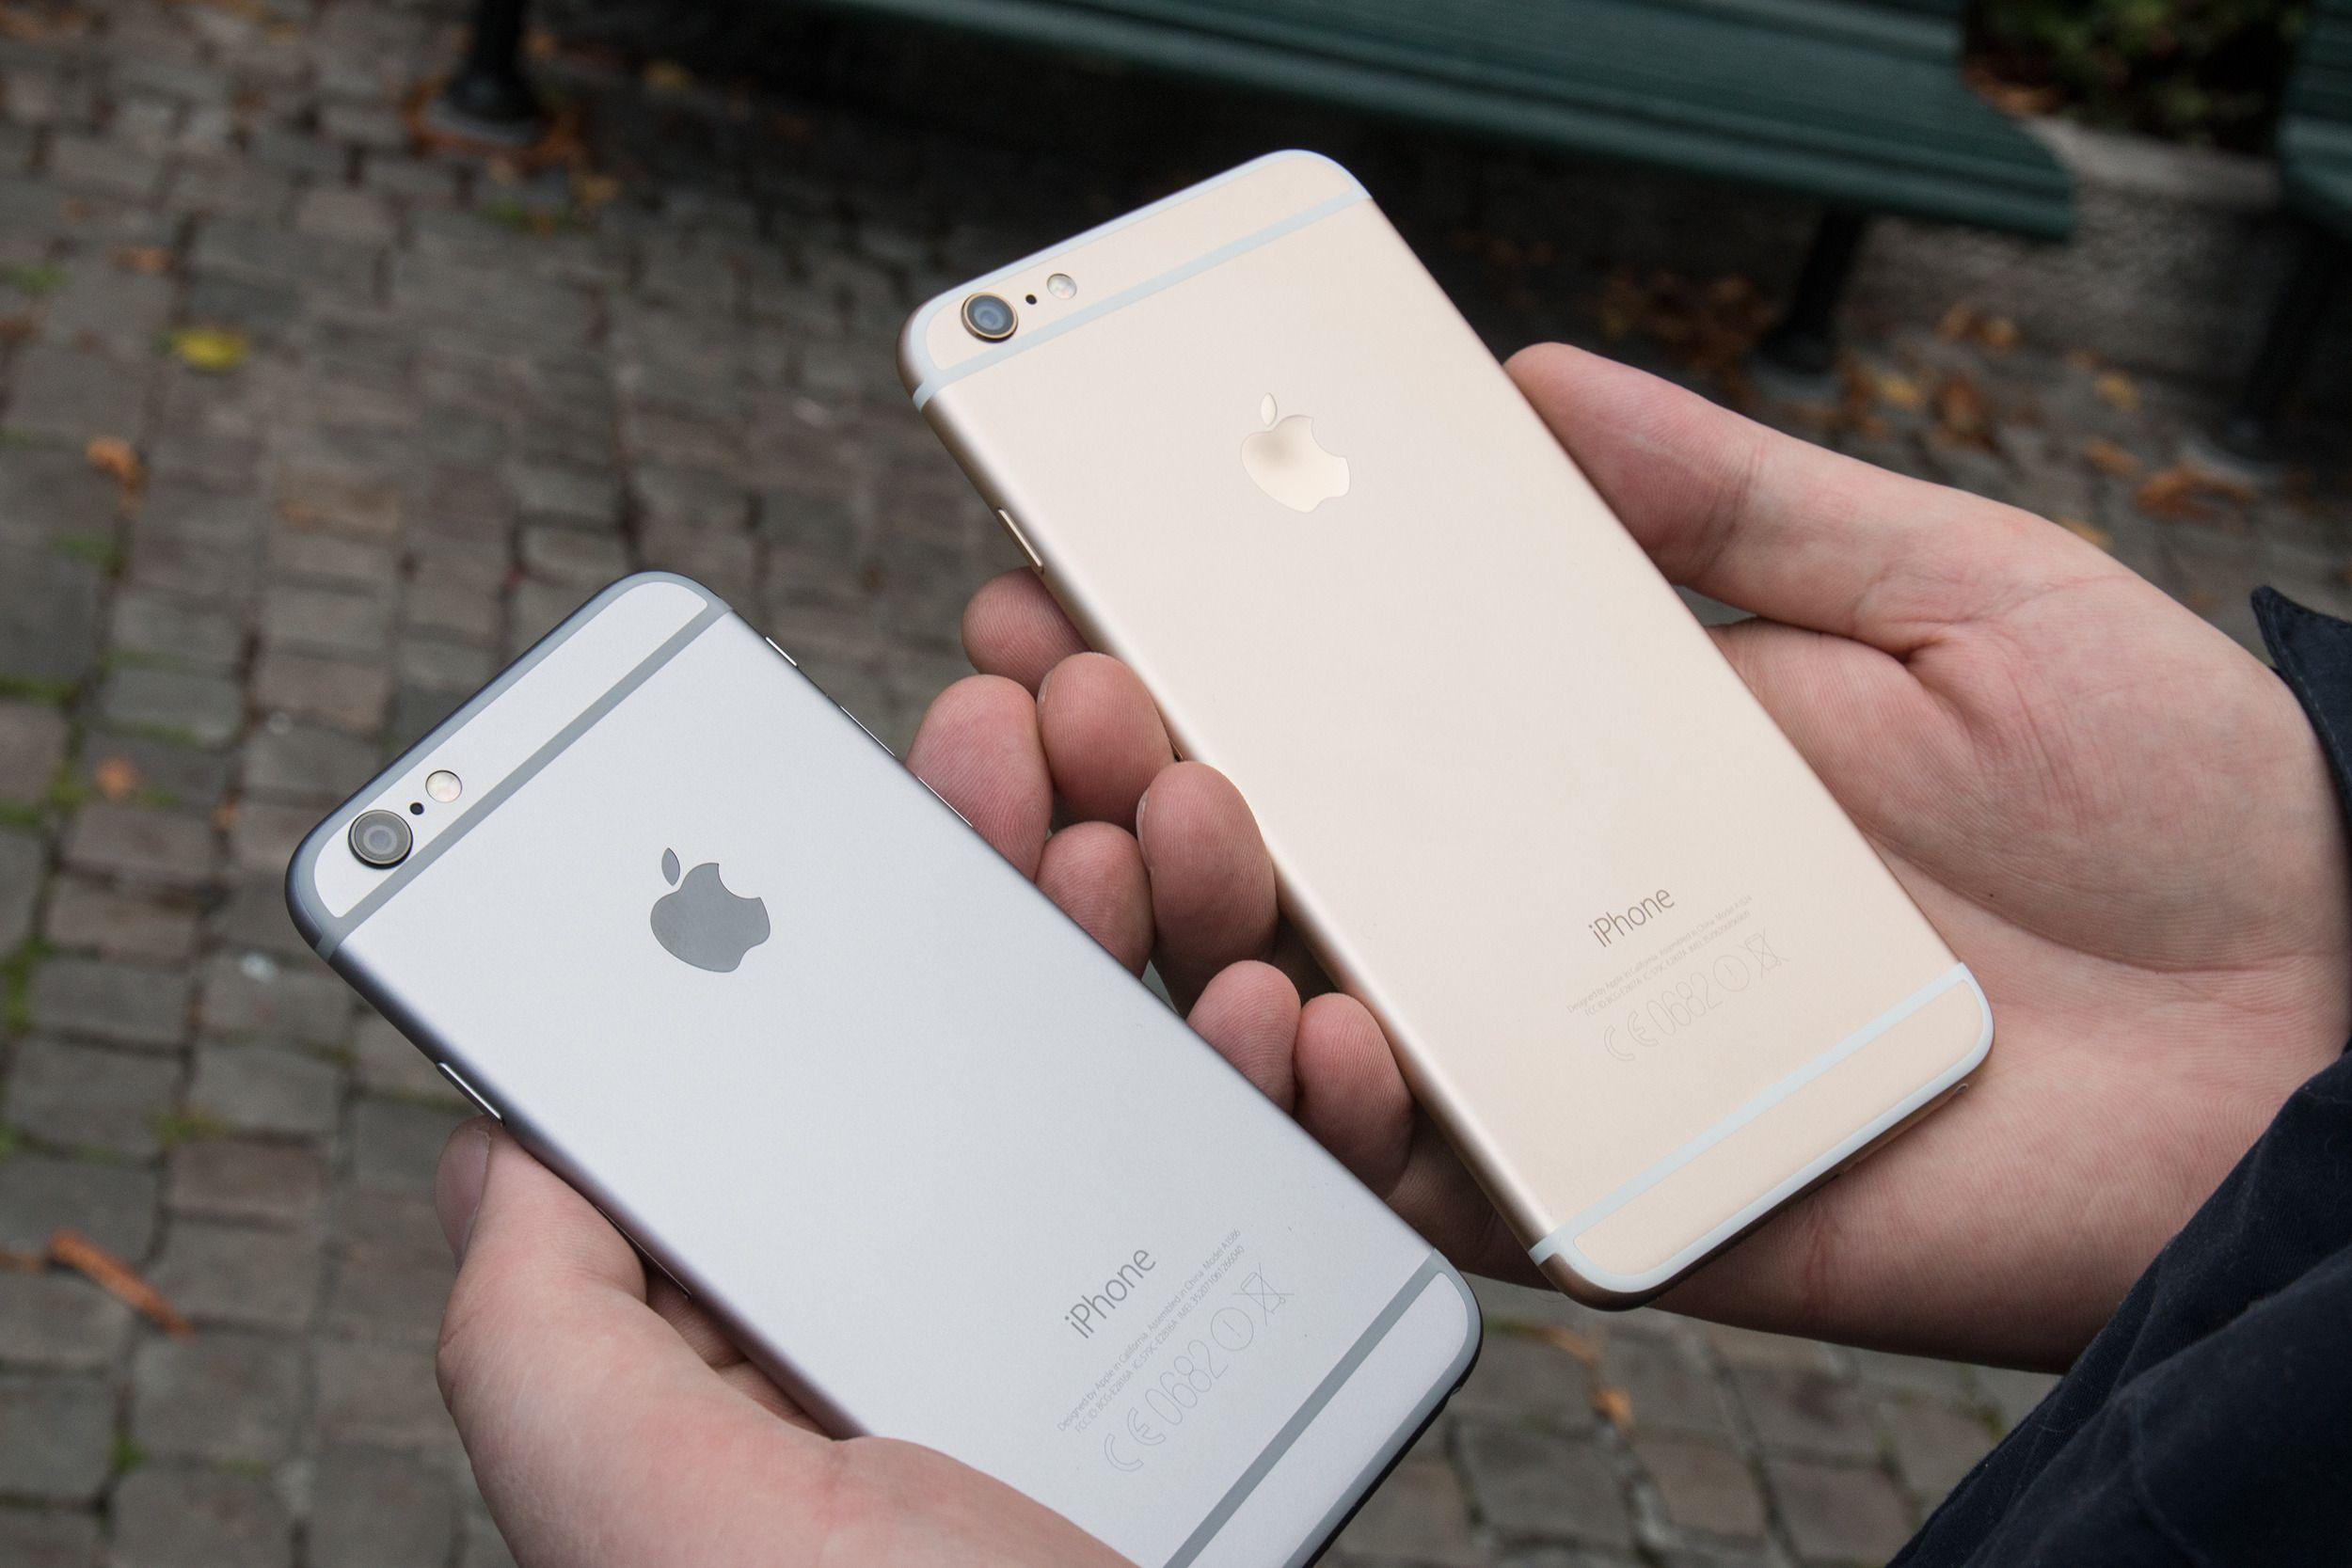 iPhone 6 Plus er vesentlig større enn den vanlige iPhone 6-utgaven.Foto: Jørgen Elton Nilsen, Tek.no